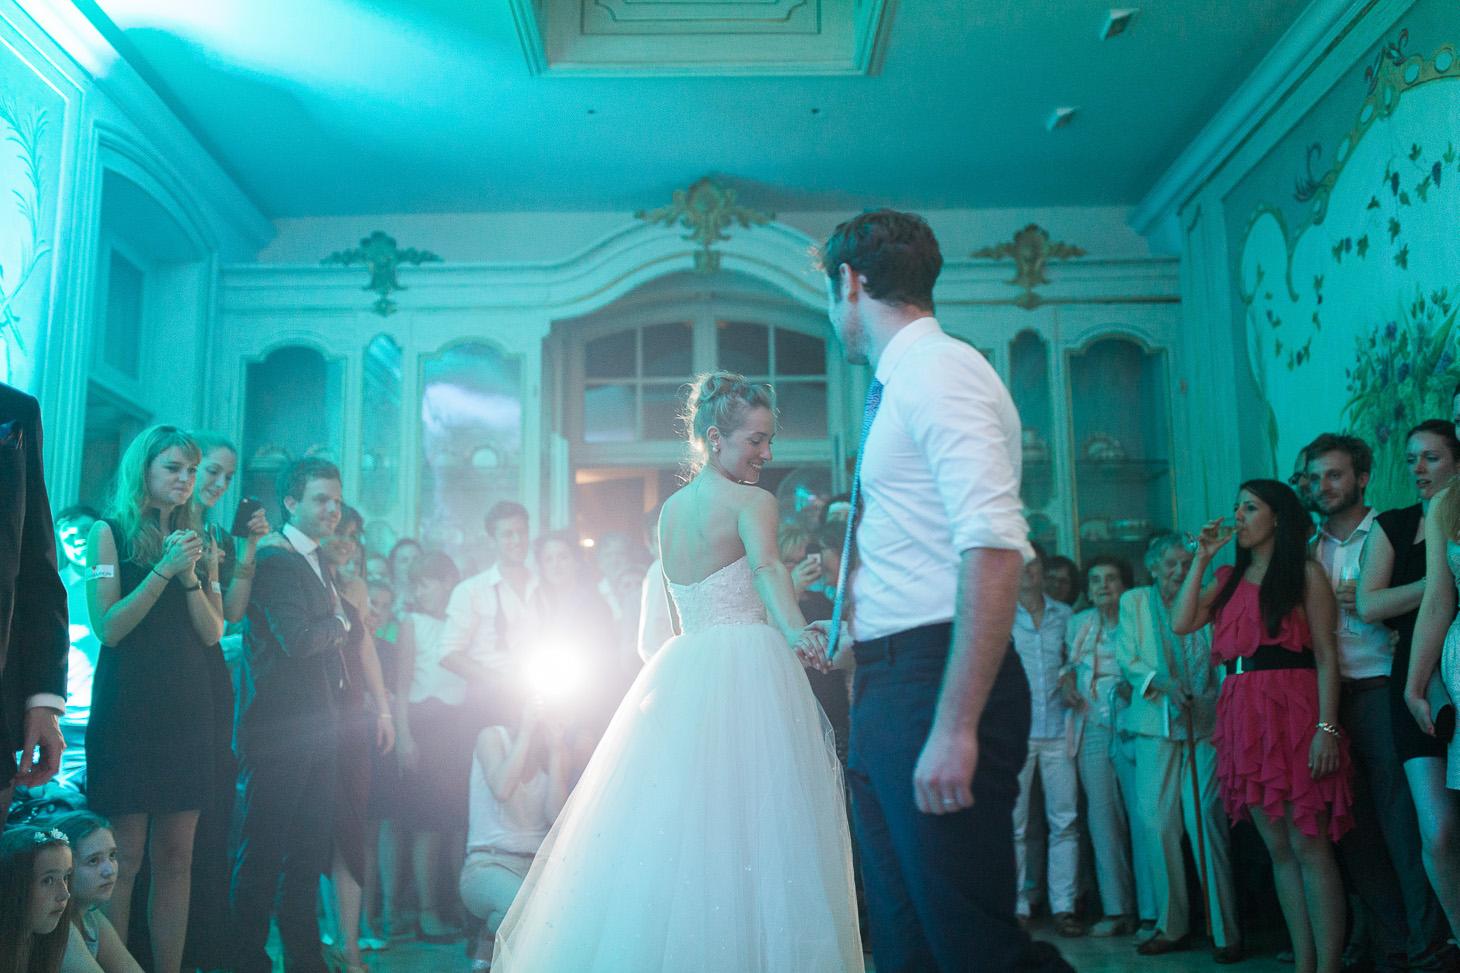 bourgogne_wedding_photographer_chateau_pommard-127